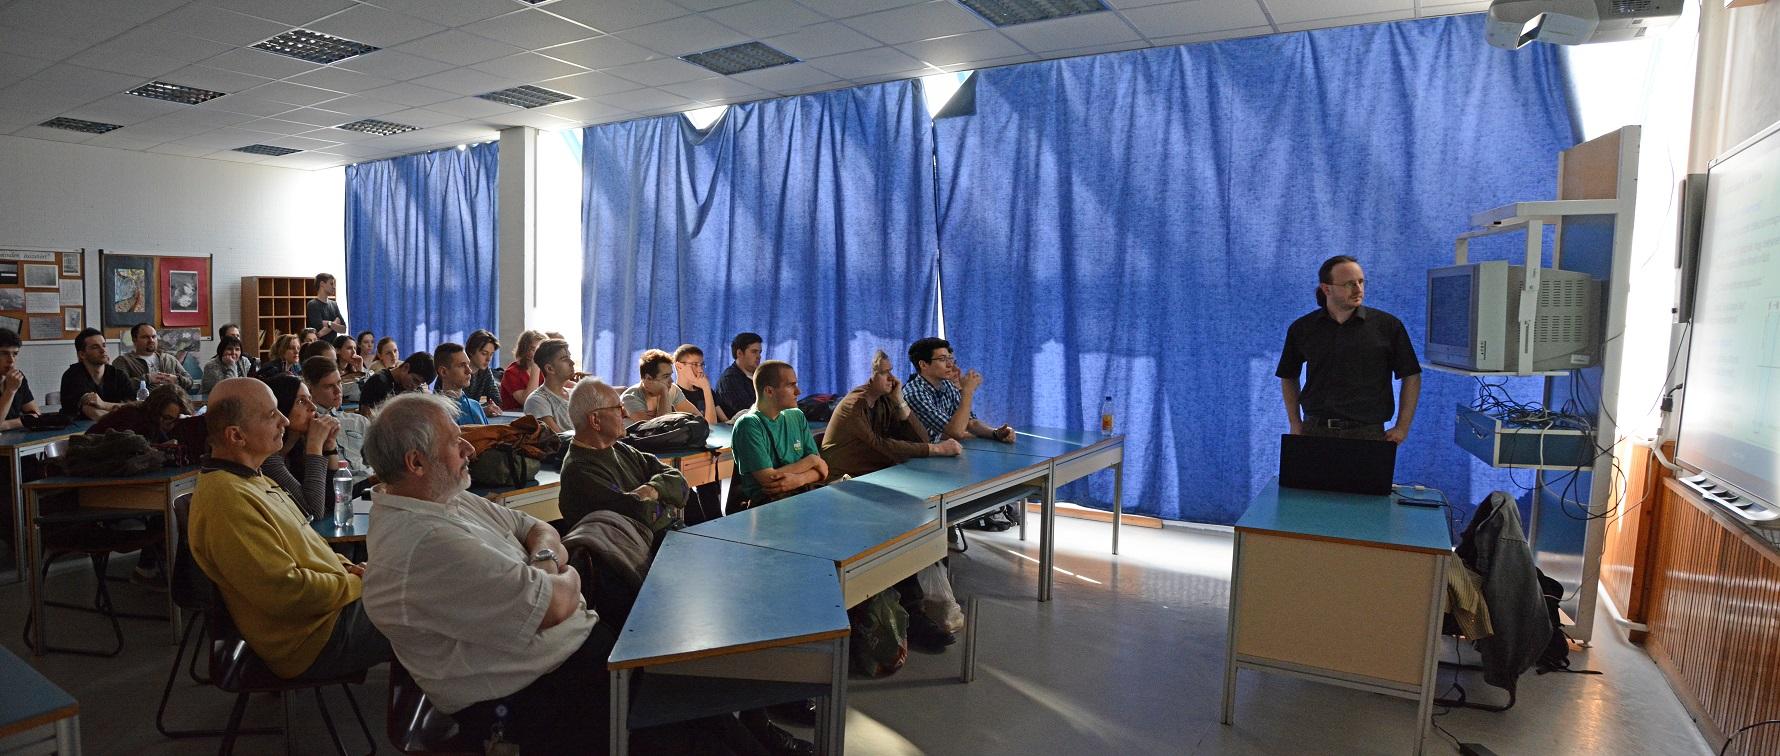 Ismeretterjesztő előadás a Kazinczy Gimnáziumban